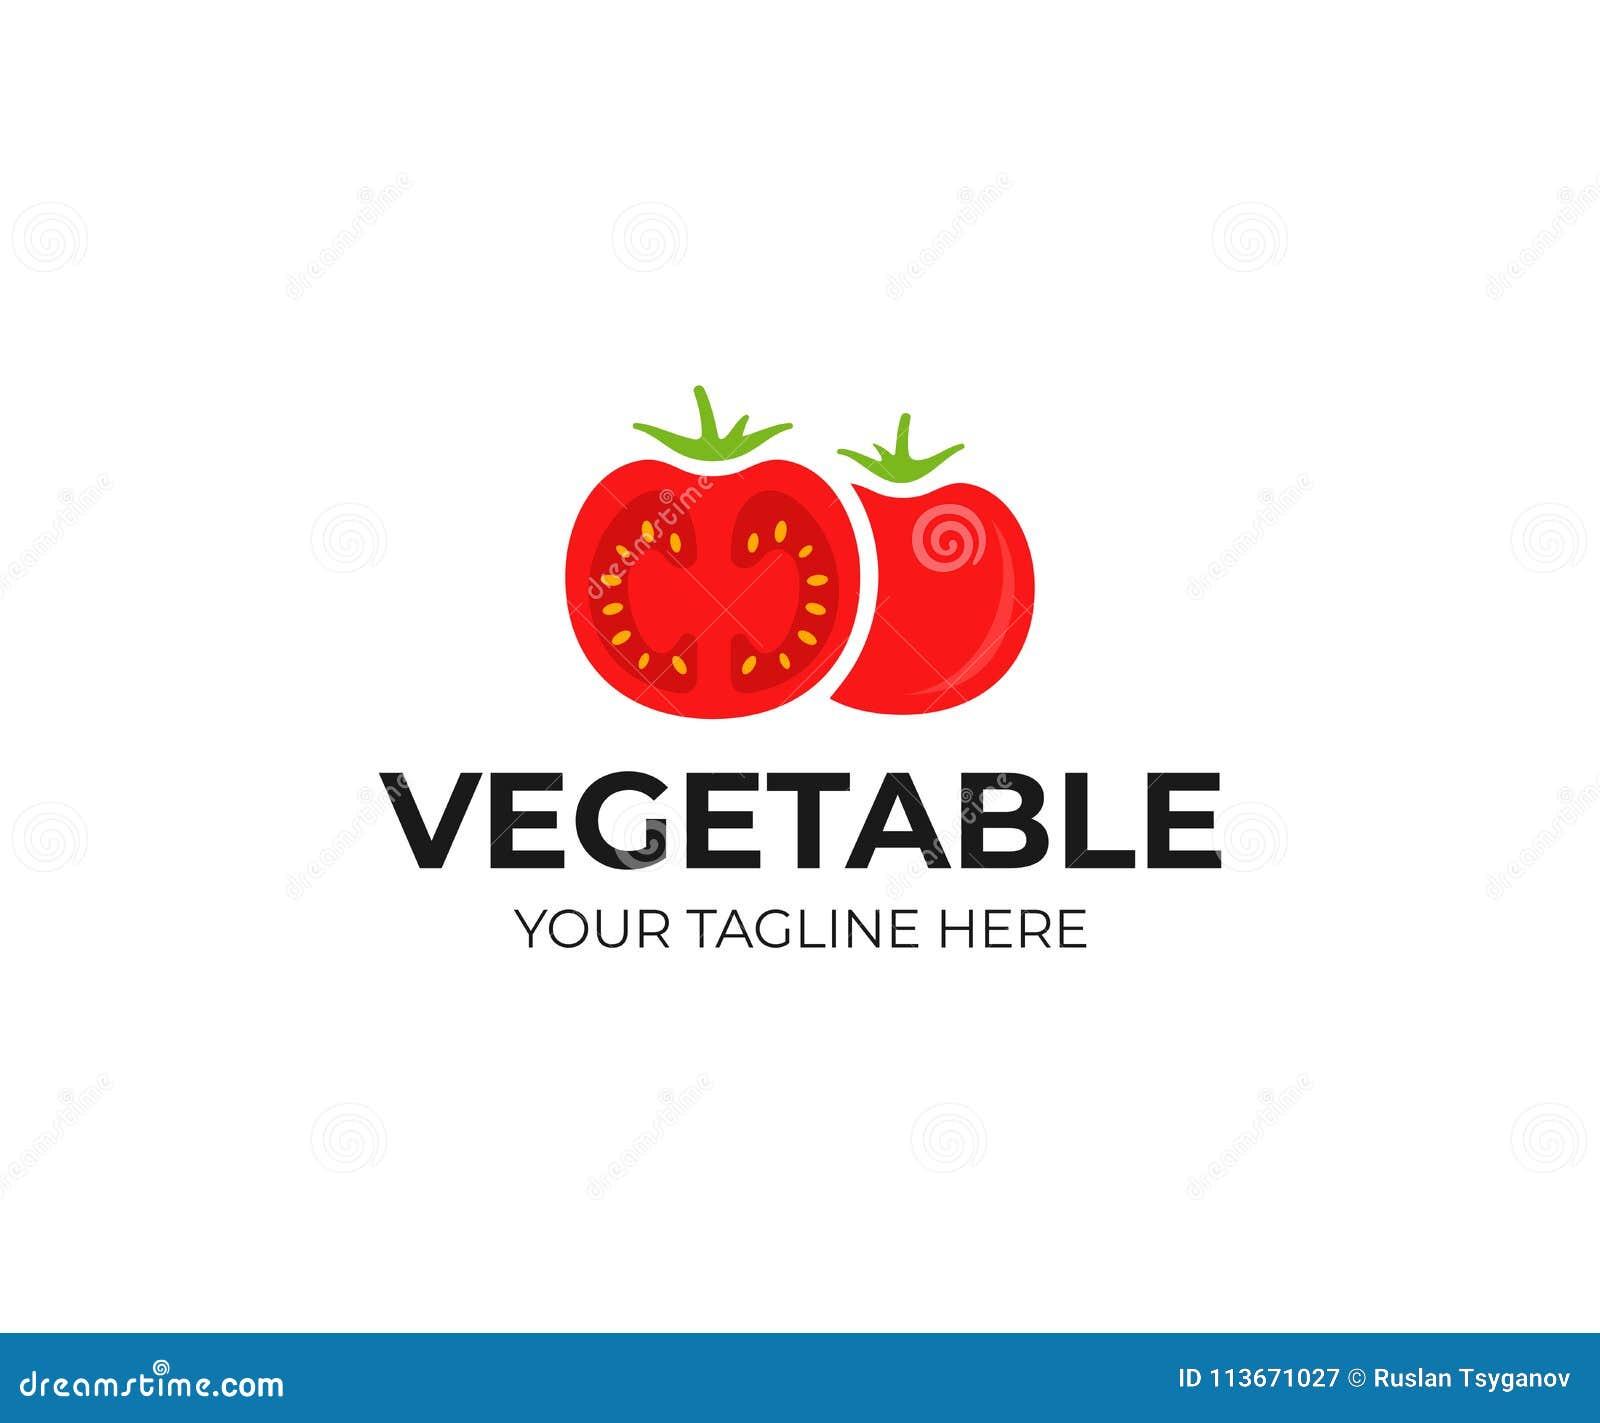 red tomato logo template fresh vegetables vector design stock